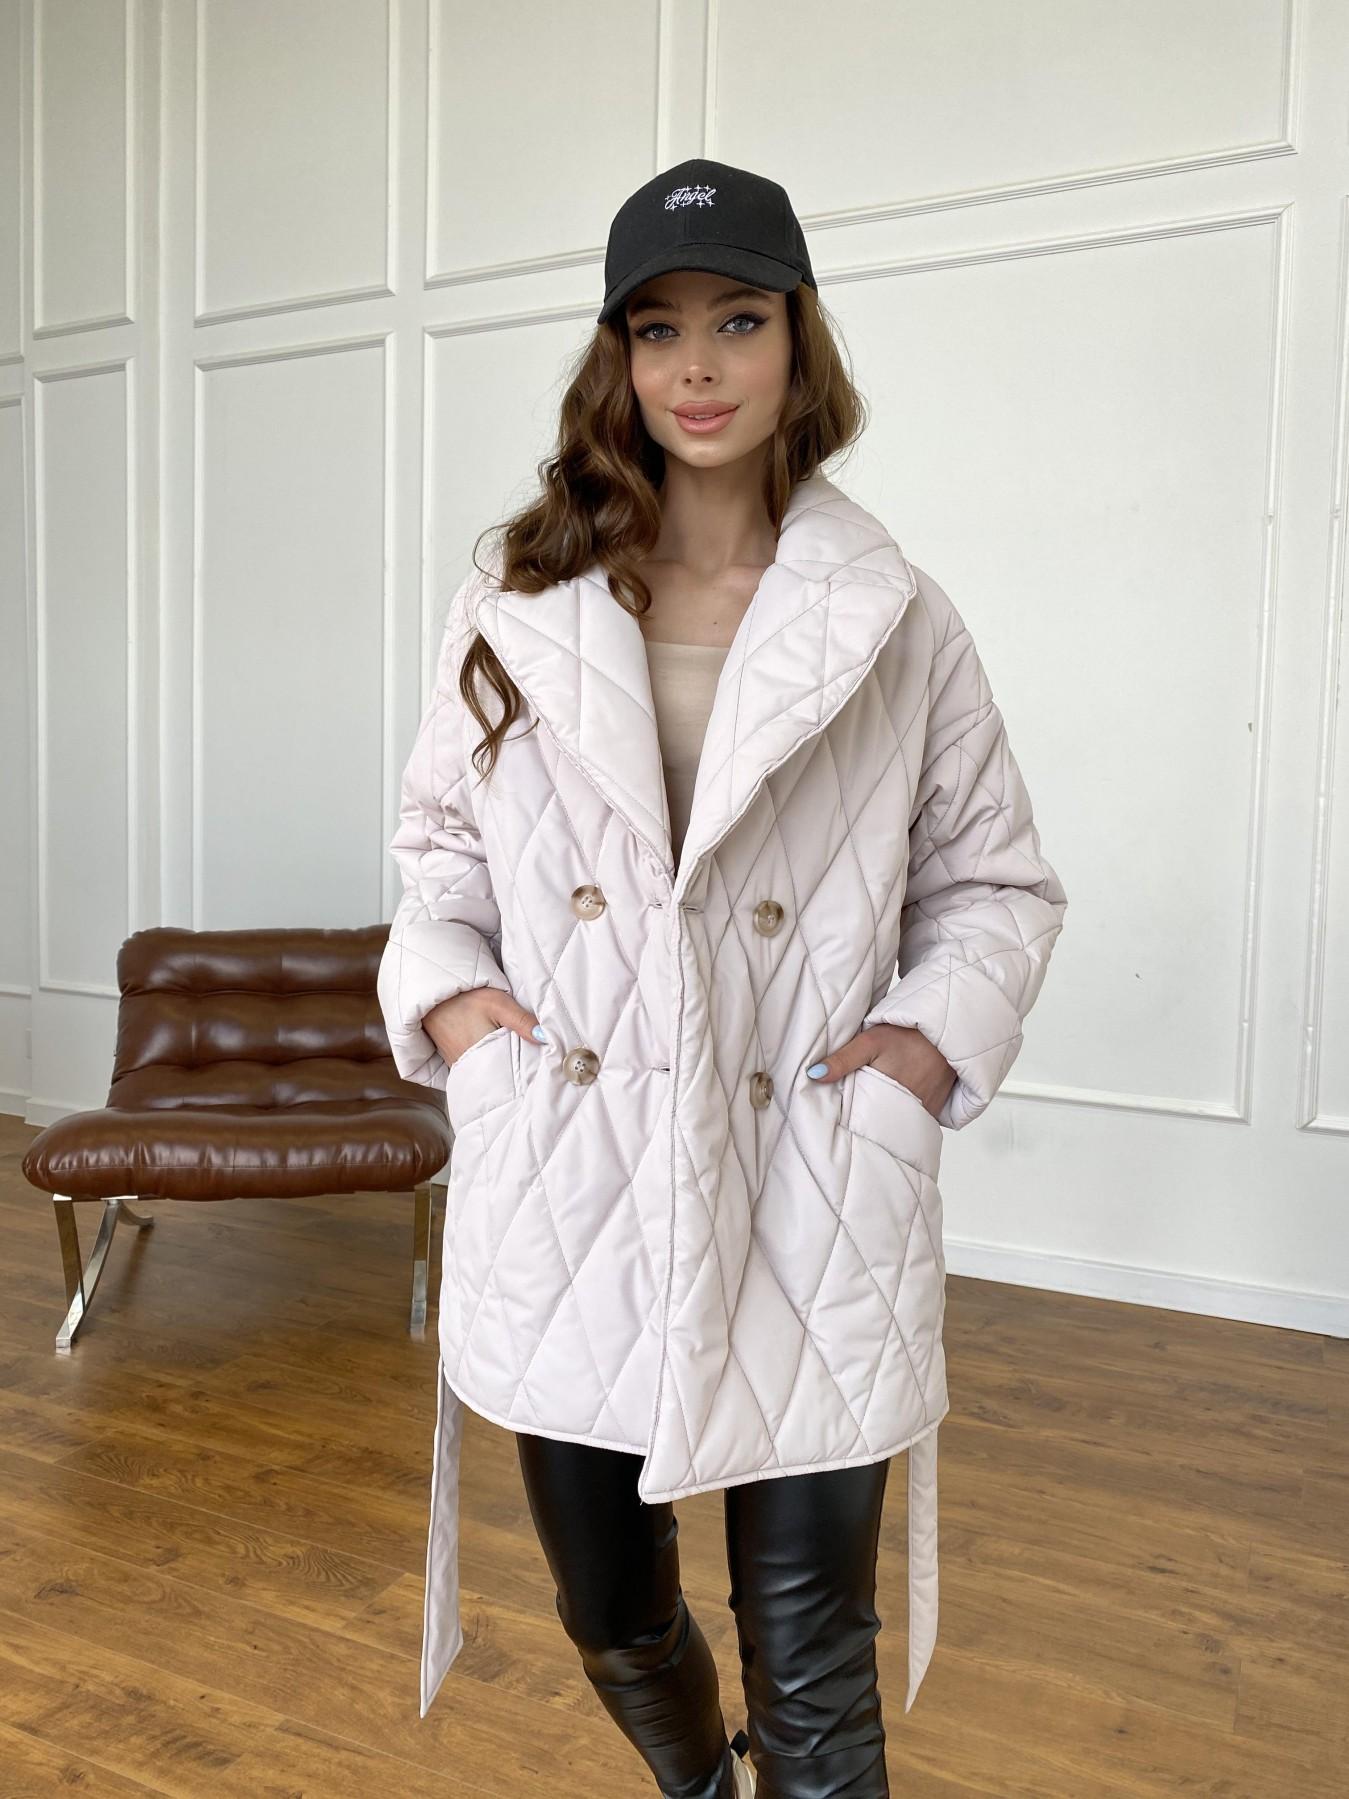 Норд куртка из плащевой ткани стеганая 10883 АРТ. 47551 Цвет: Бежевый 970 - фото 10, интернет магазин tm-modus.ru